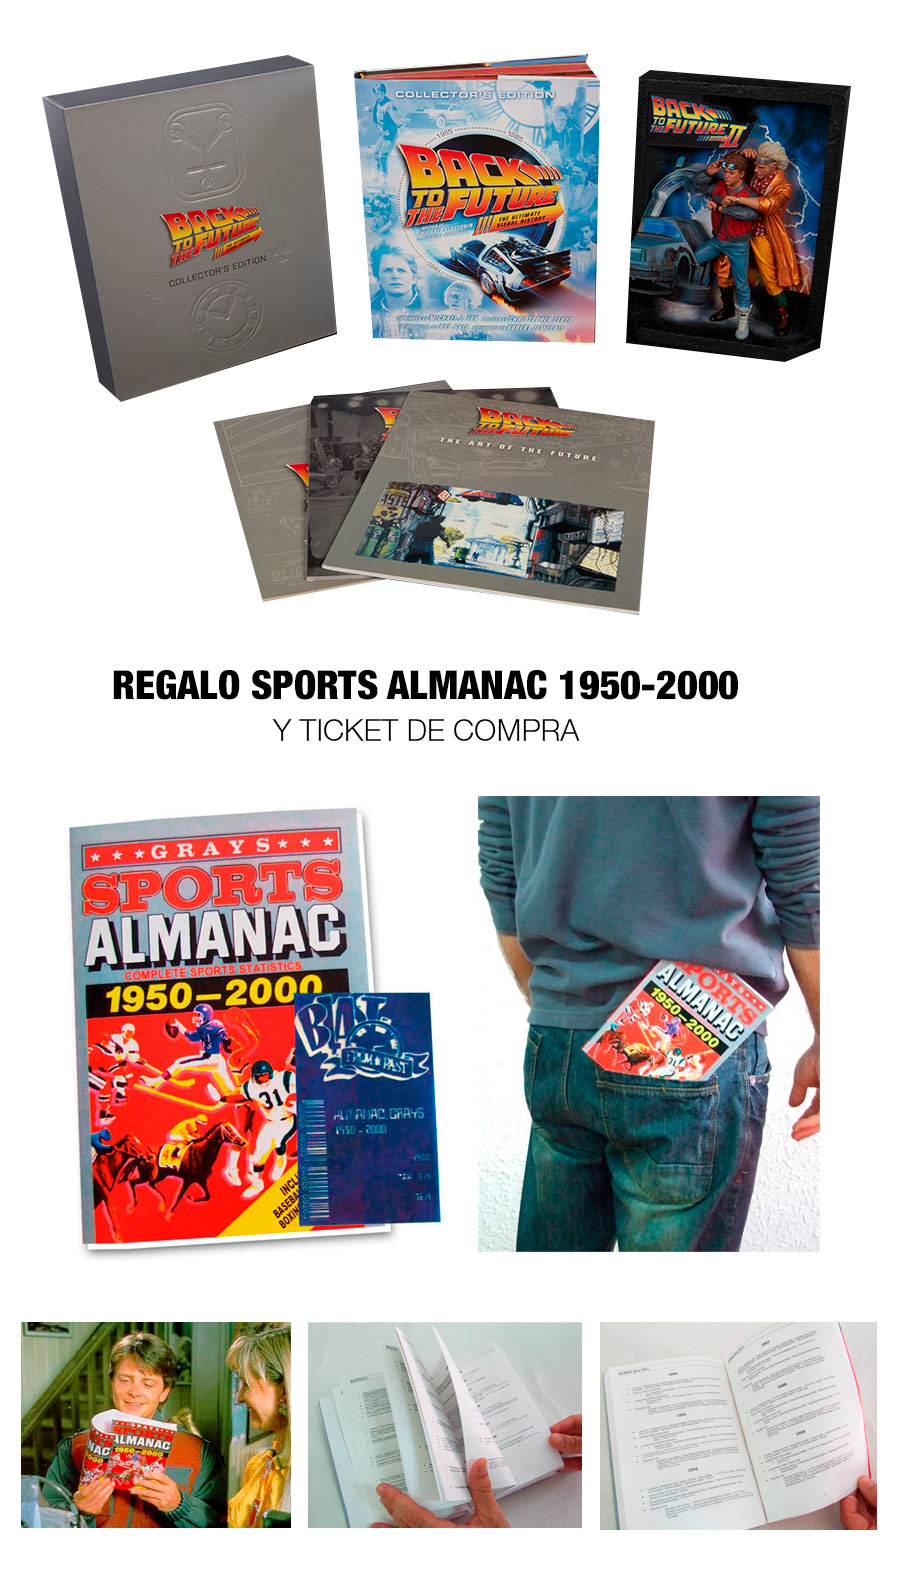 Pack Regreso al Futuro. Libro edición coleccionista Ultimate Visual History + Cuadro 3D & regalo Almanaque Sports Almanac 1950-2000.